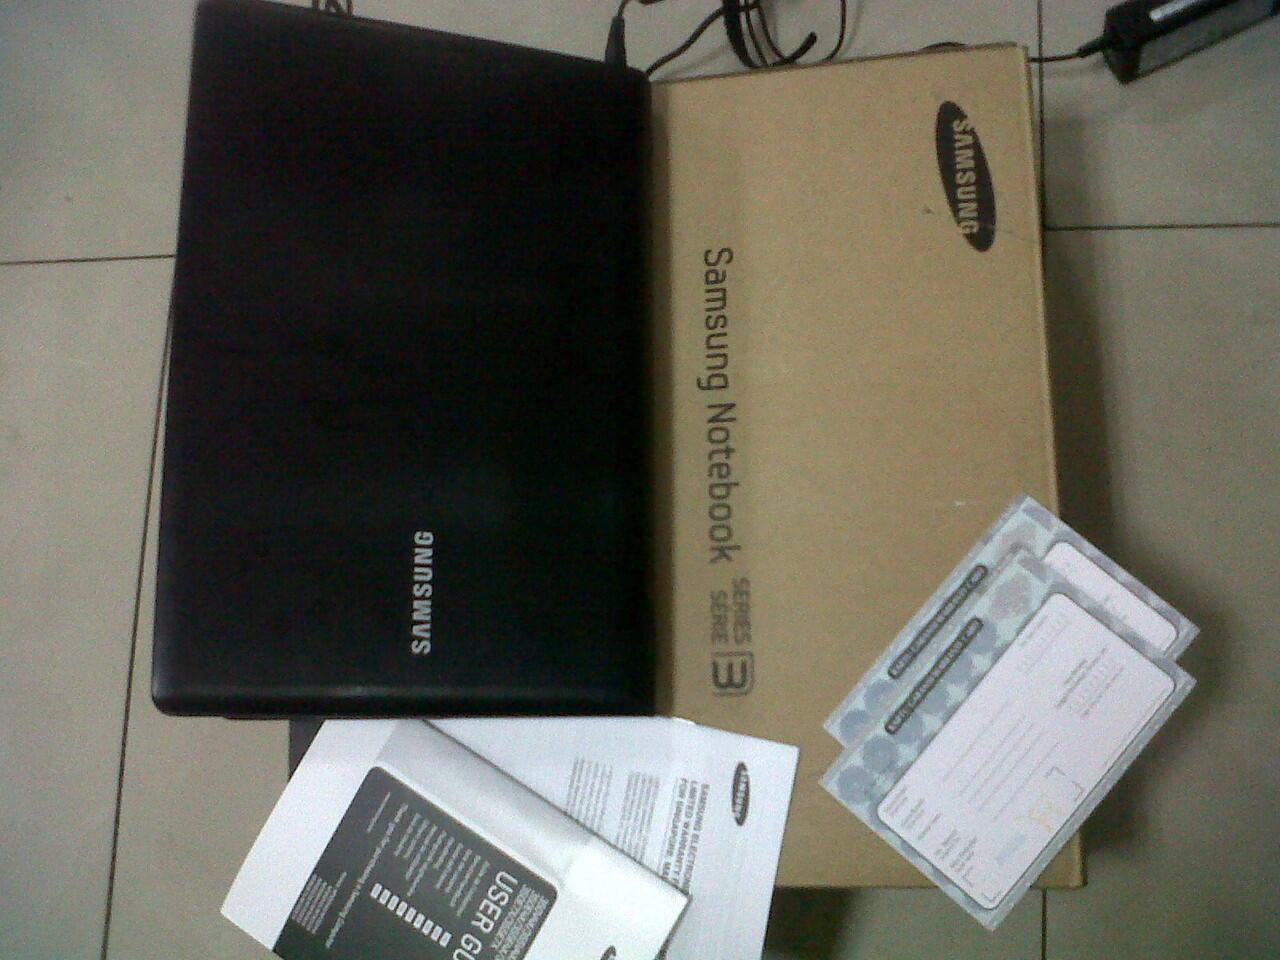 LEPTOP GAMING SAMSUNG 335e4x-amd 1200-fulsett-cod Bogor